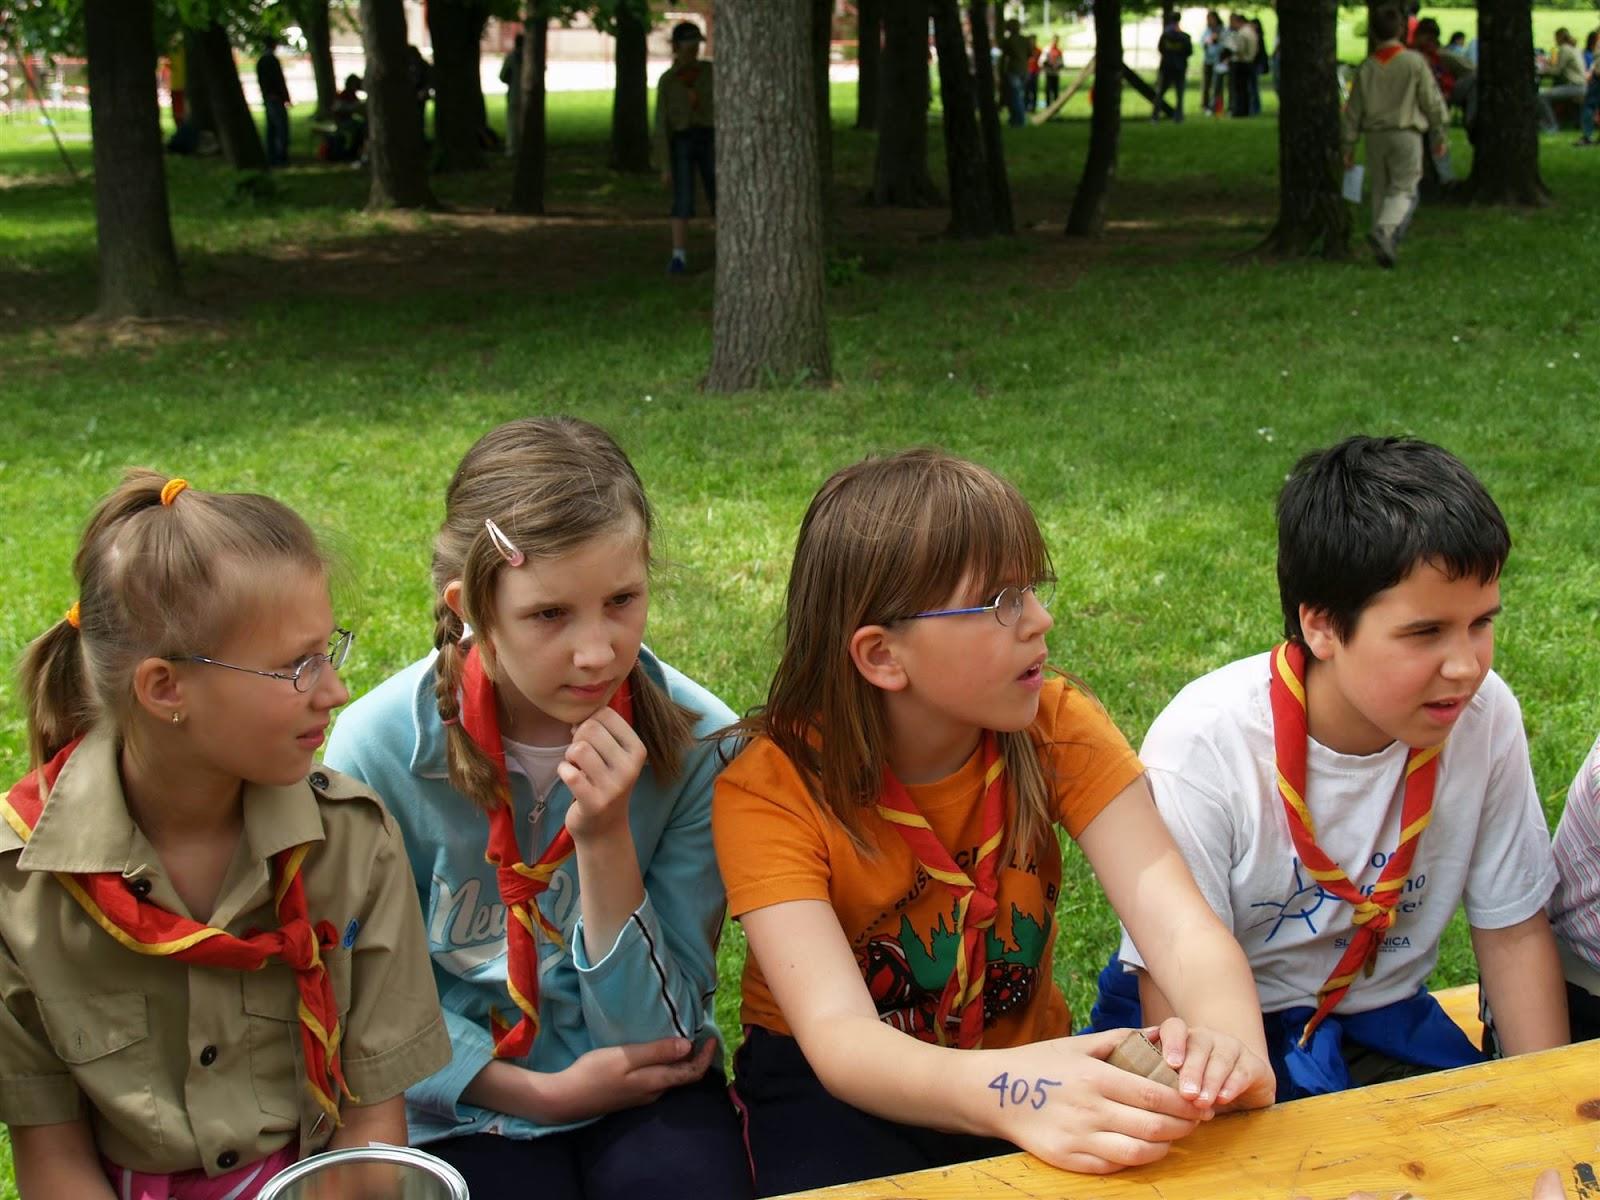 Področni mnogoboj MČ, Ilirska Bistrica 2006 - P0213779.JPG